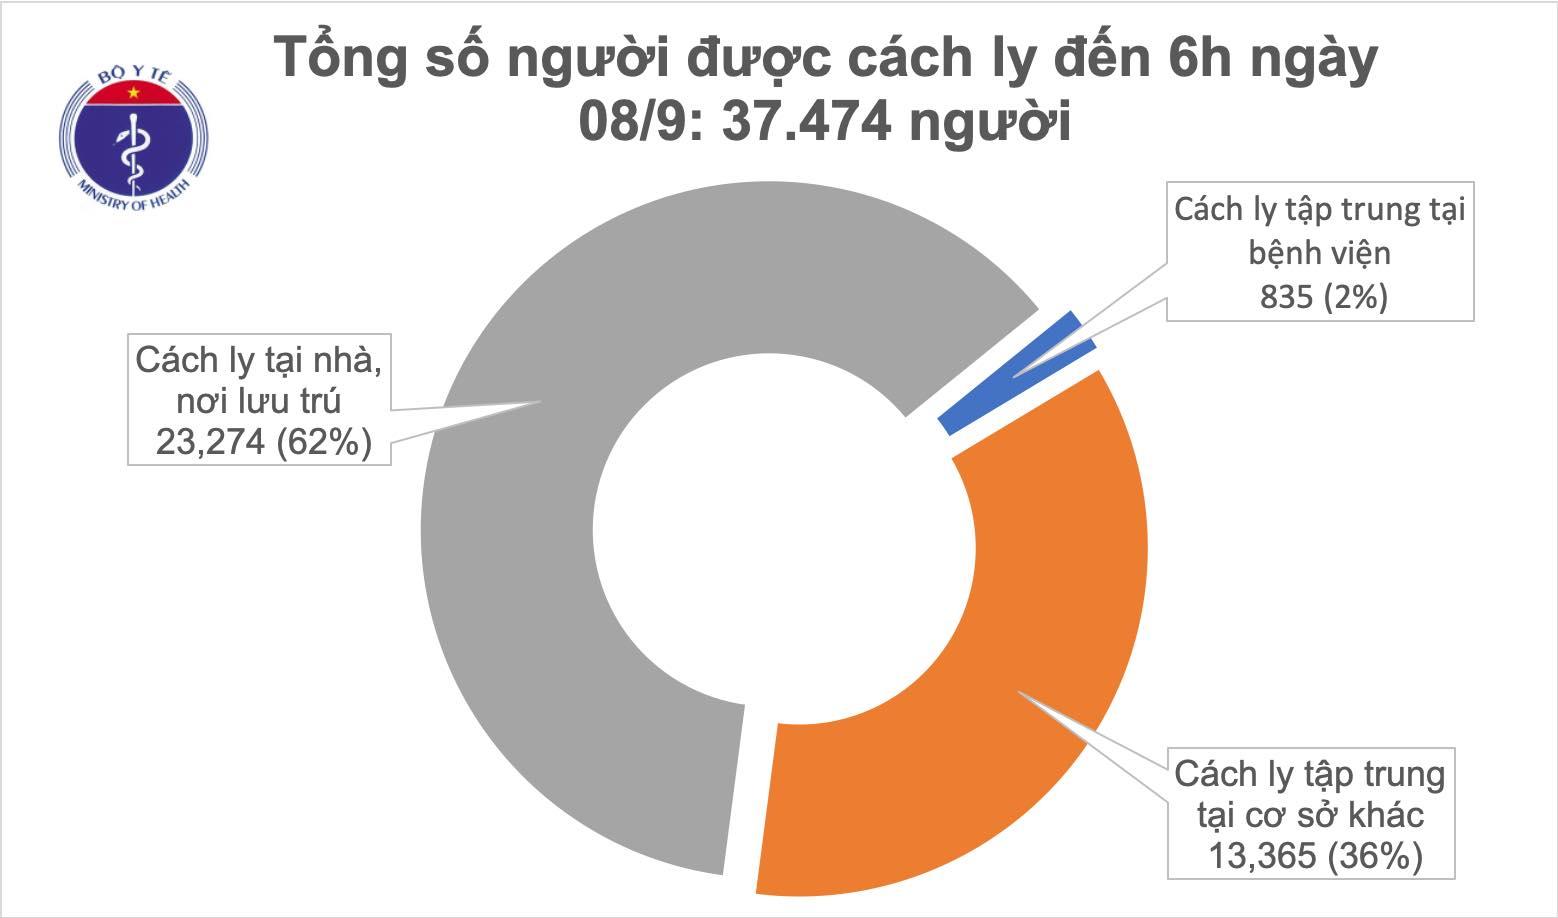 Sáng 8/9, đã 6 ngày không có ca mắc COVID-19 ở cộng đồng, Việt Nam chữa khỏi 854 bệnh nhân